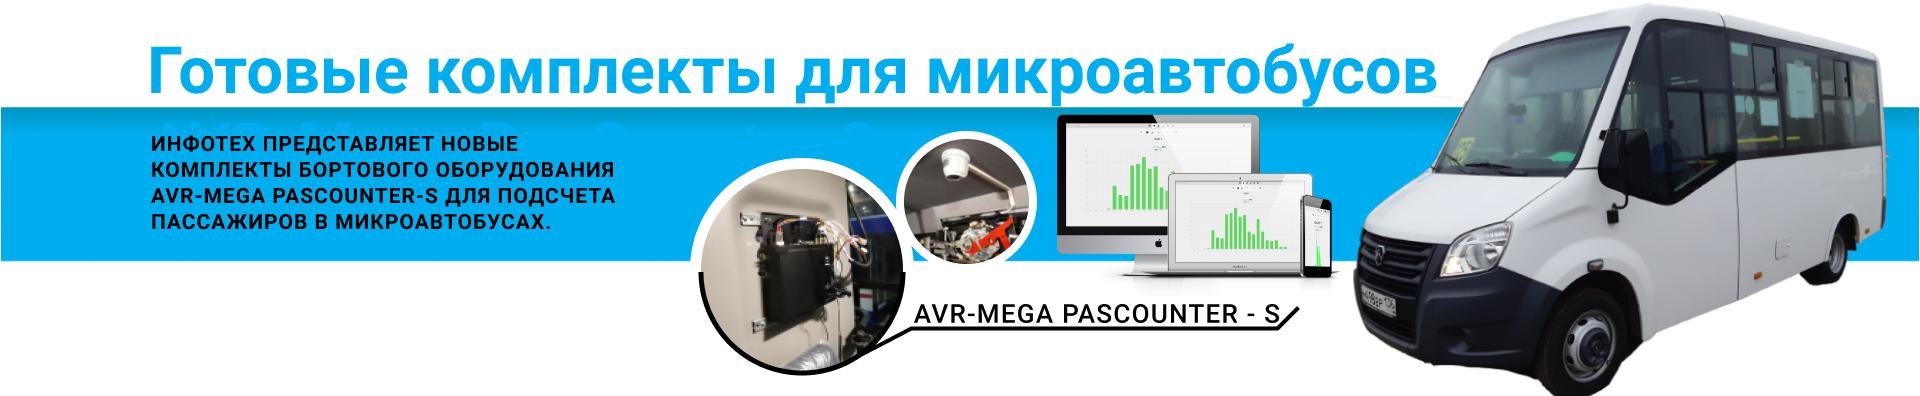 Готовое решение для автоматического подсчета пассажиров в микроавтобусах с любой высотой дверного проема